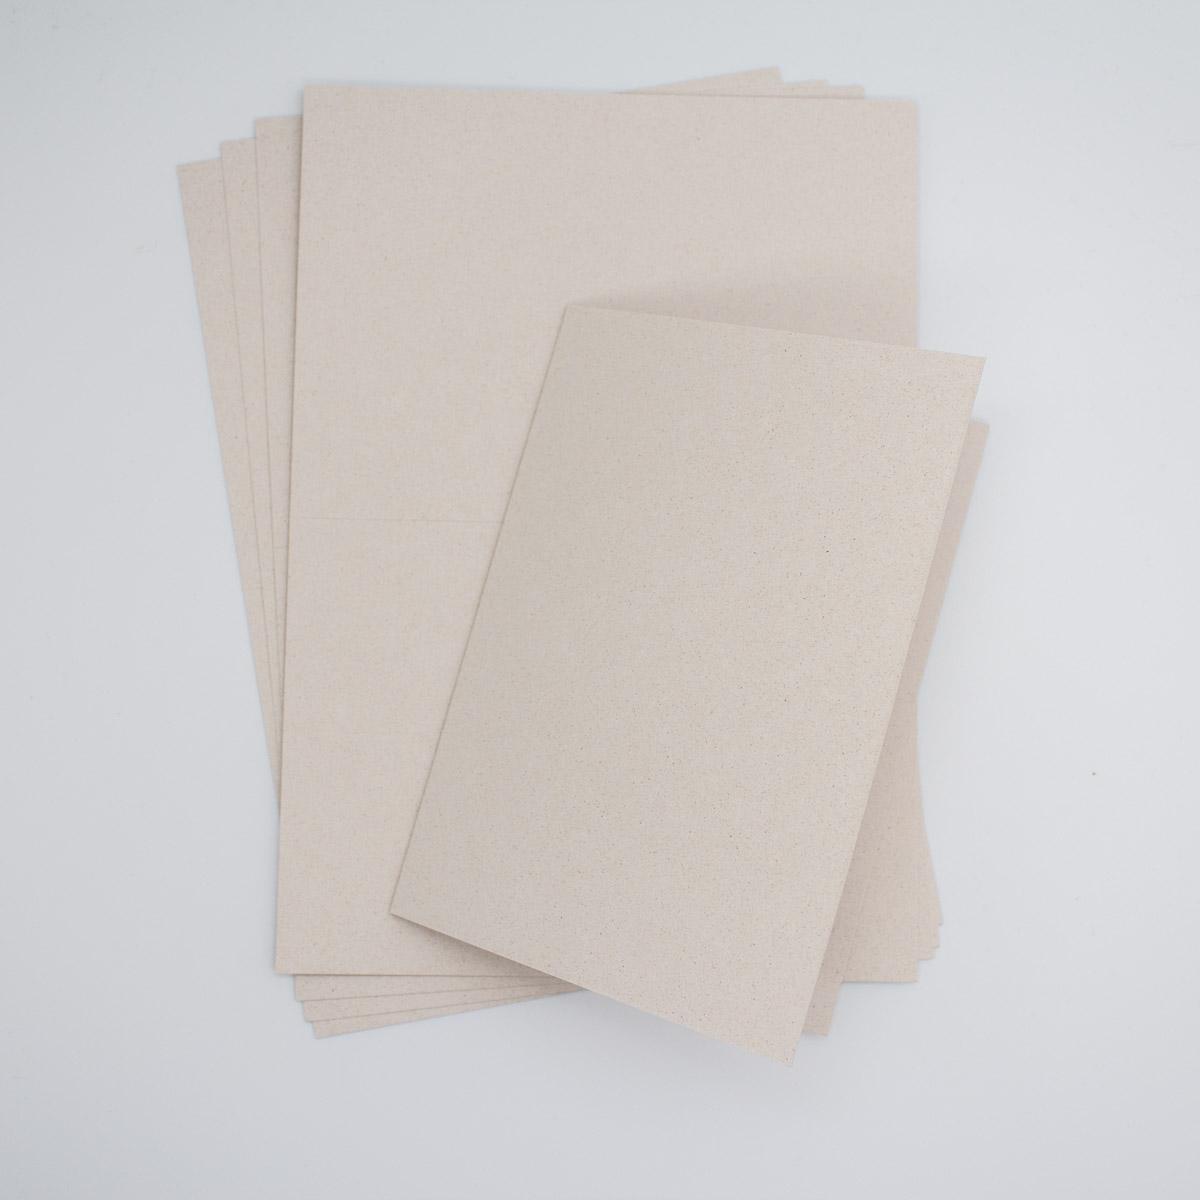 Karten Grape - Naturpapier-Klappkarten- Unsere kleine Bastelstube